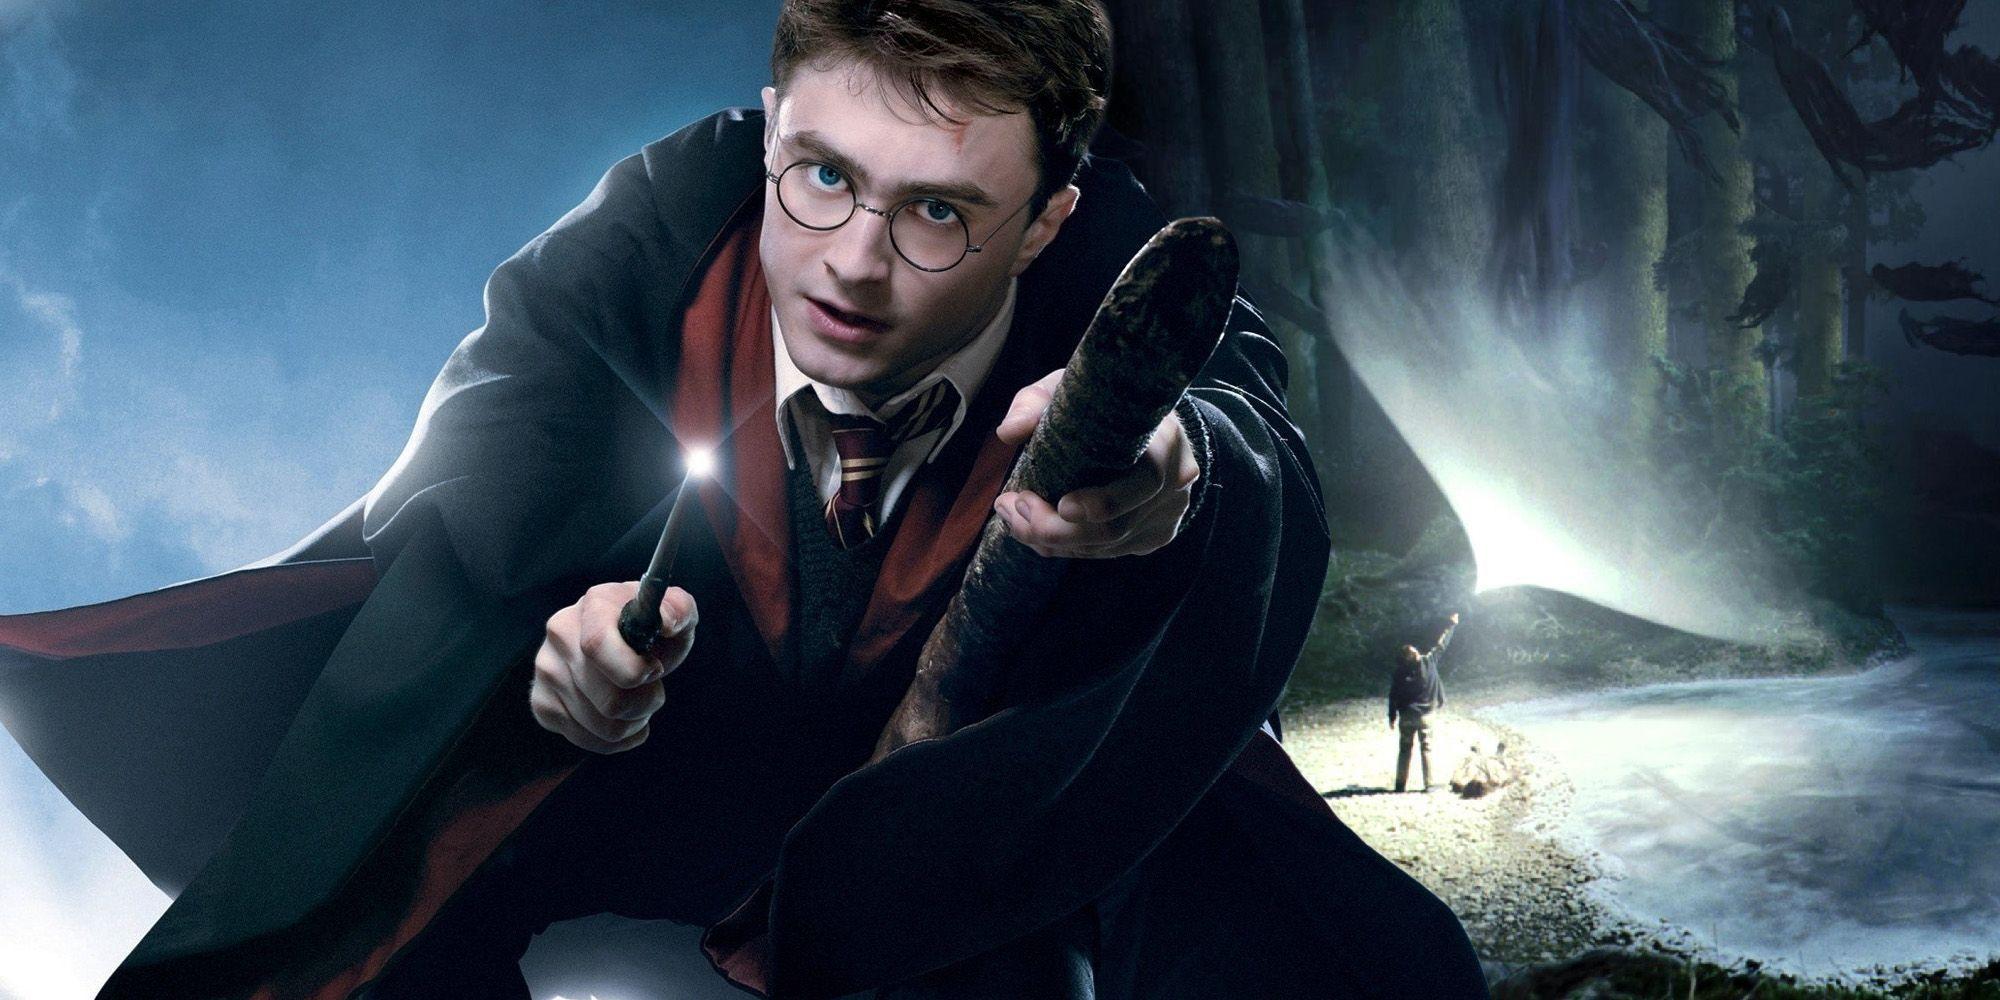 Jedes Mal Wenn Harry Potter Unverzeihliche Fluche Benutzte Lord Voldemort Orden Des Phoenix Mary Sue